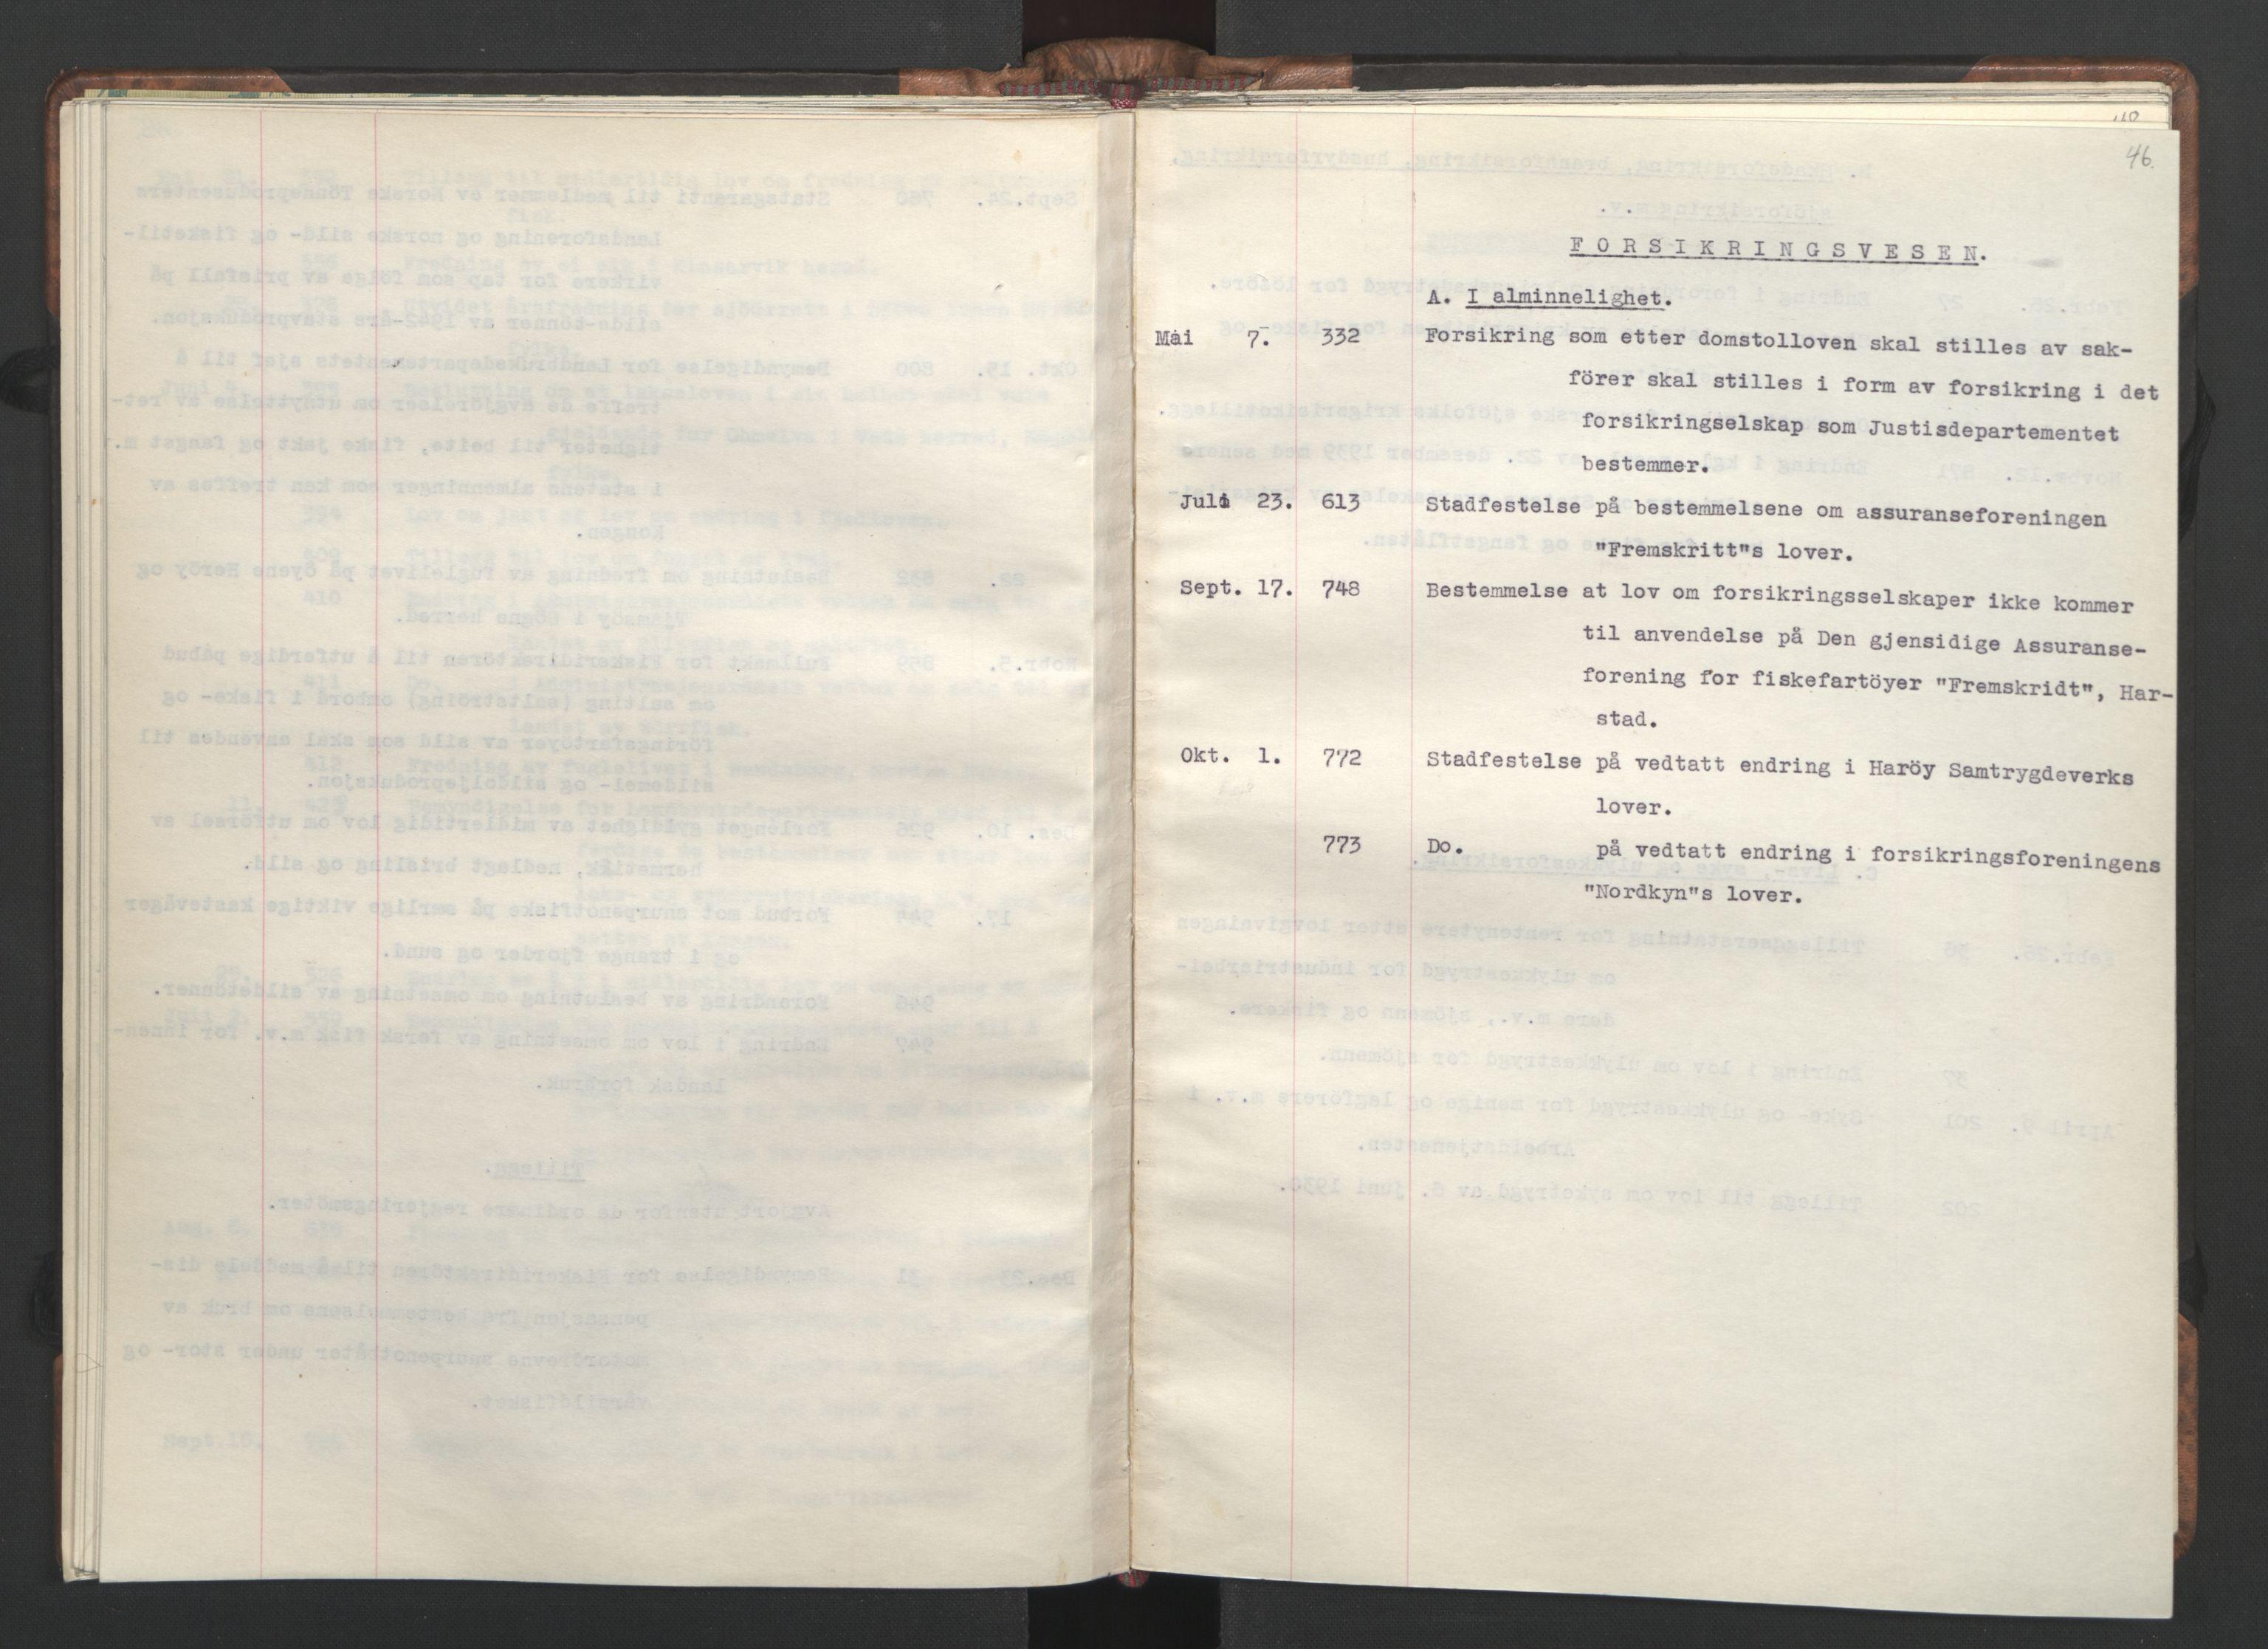 RA, NS-administrasjonen 1940-1945 (Statsrådsekretariatet, de kommisariske statsråder mm), D/Da/L0002: Register (RA j.nr. 985/1943, tilgangsnr. 17/1943), 1942, s. 45b-46a